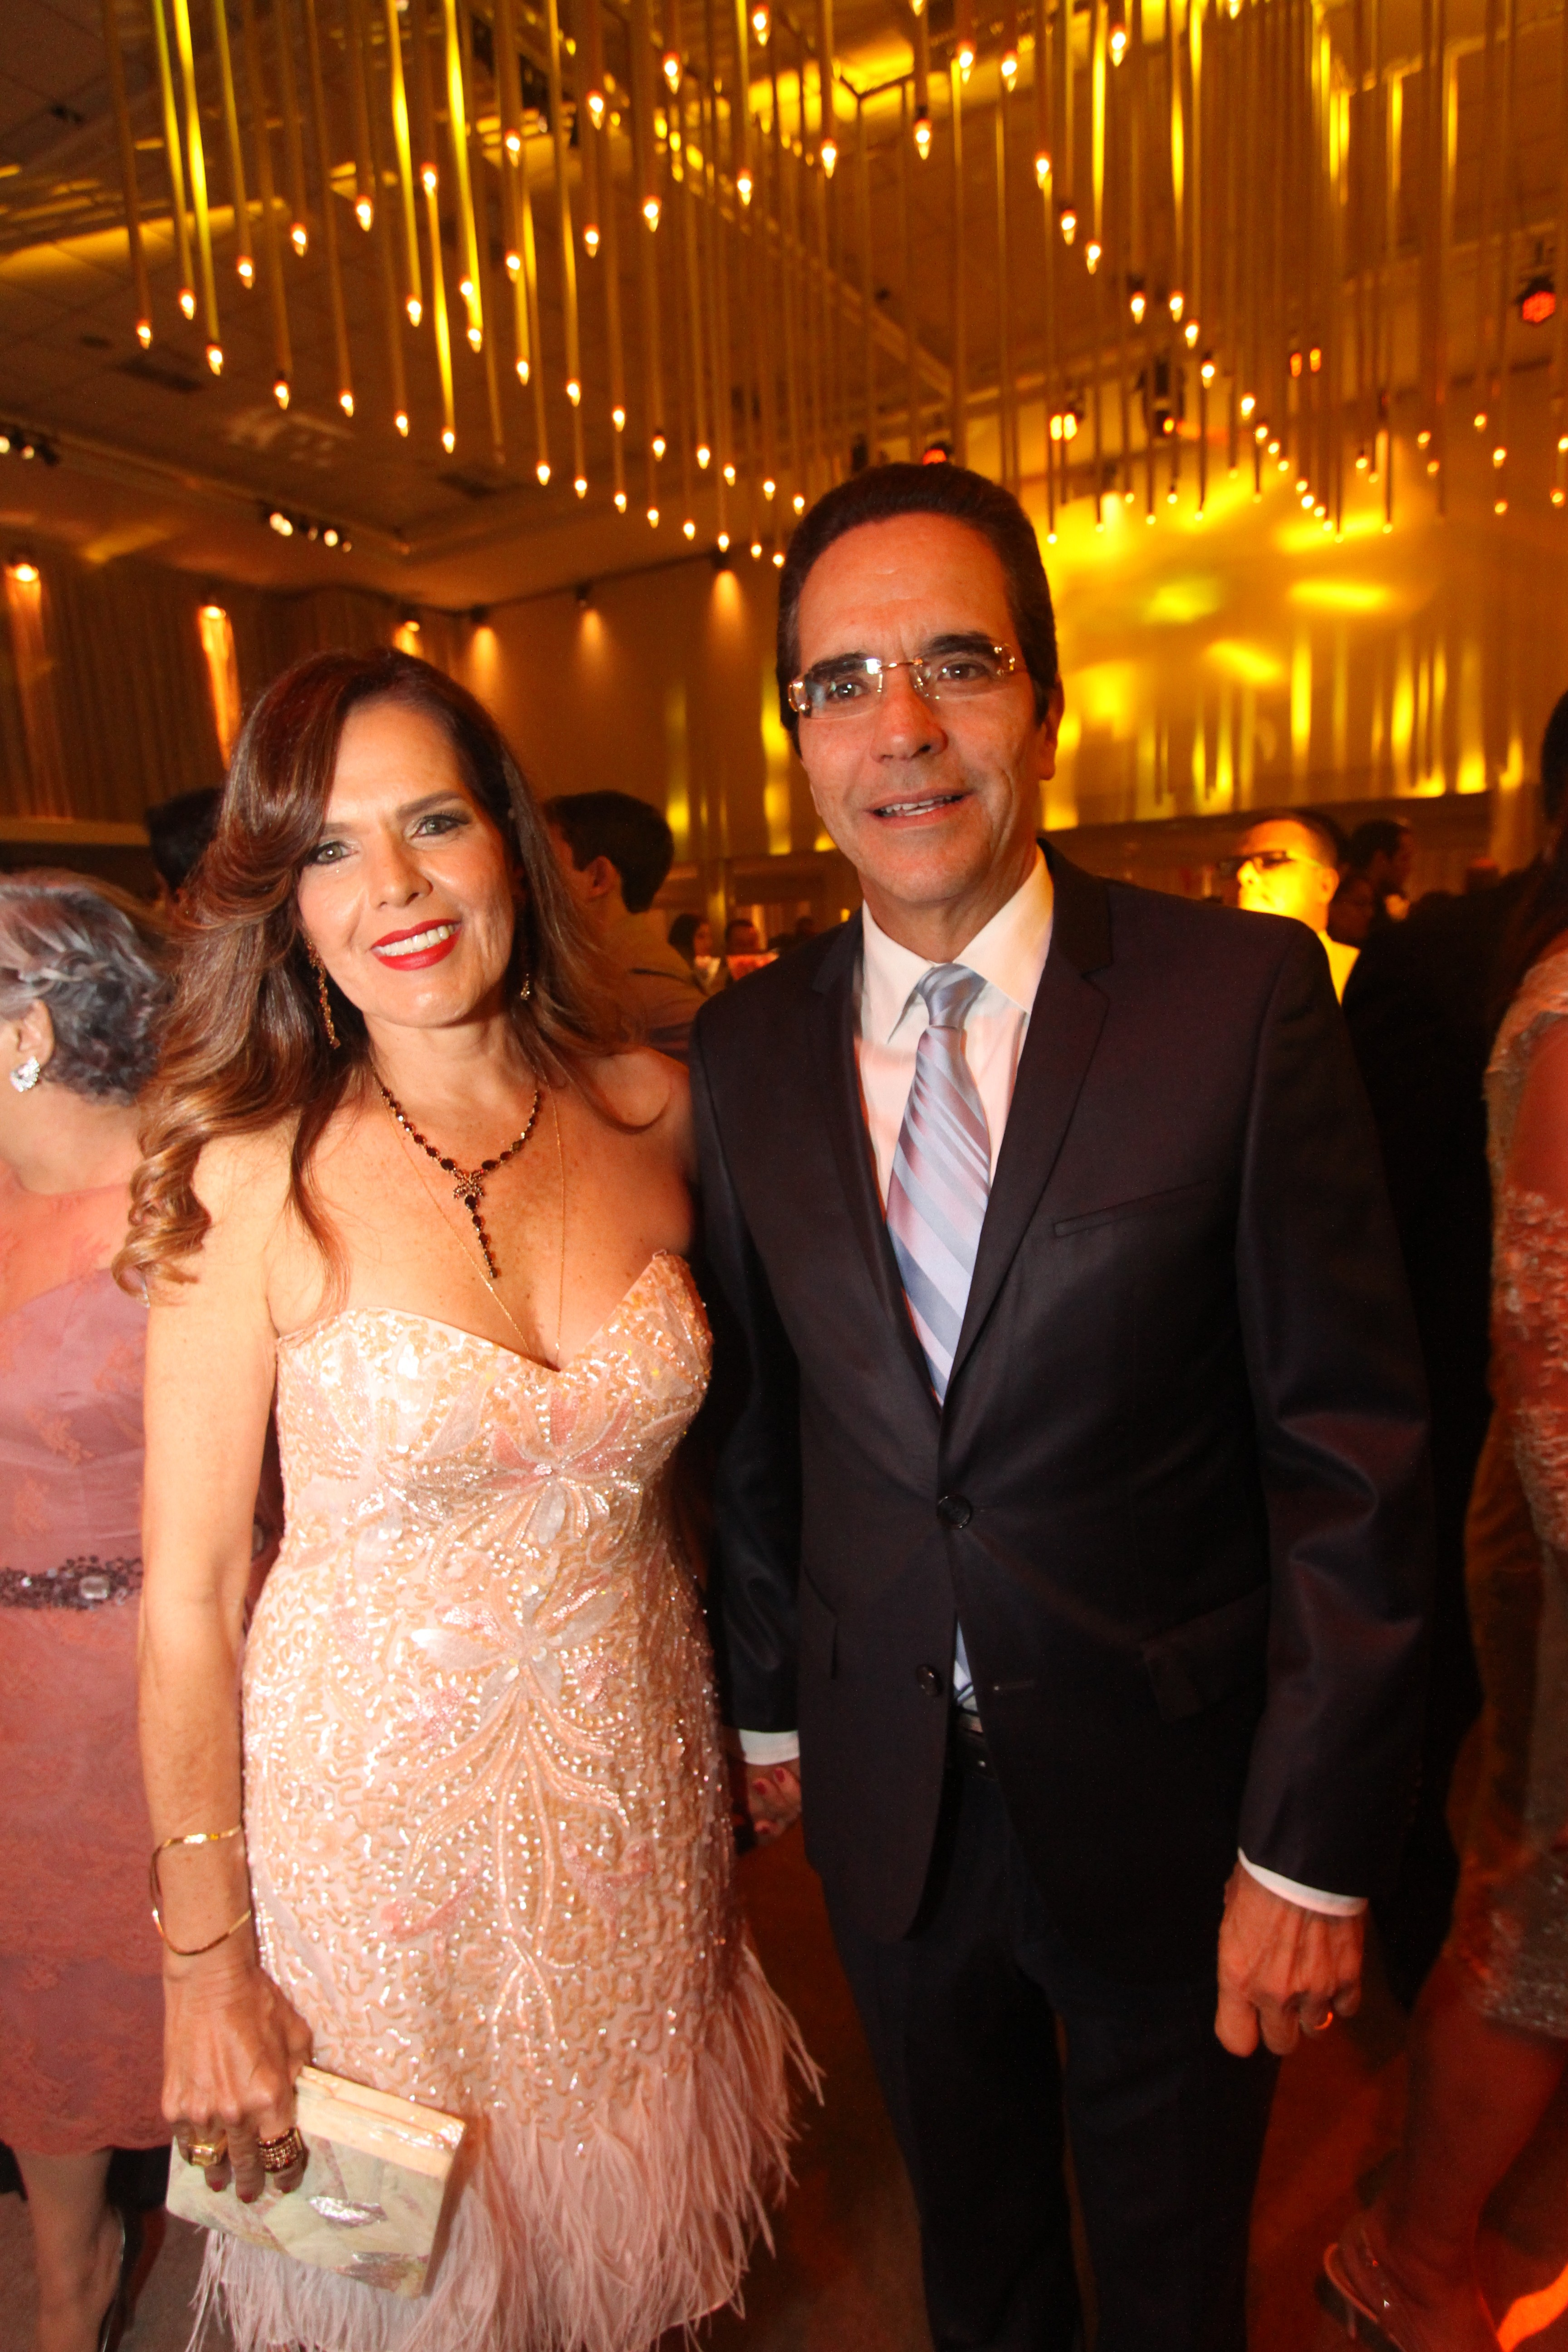 Patricia e Mauricio Rands. - Credito: Nando Chiappetta/DP